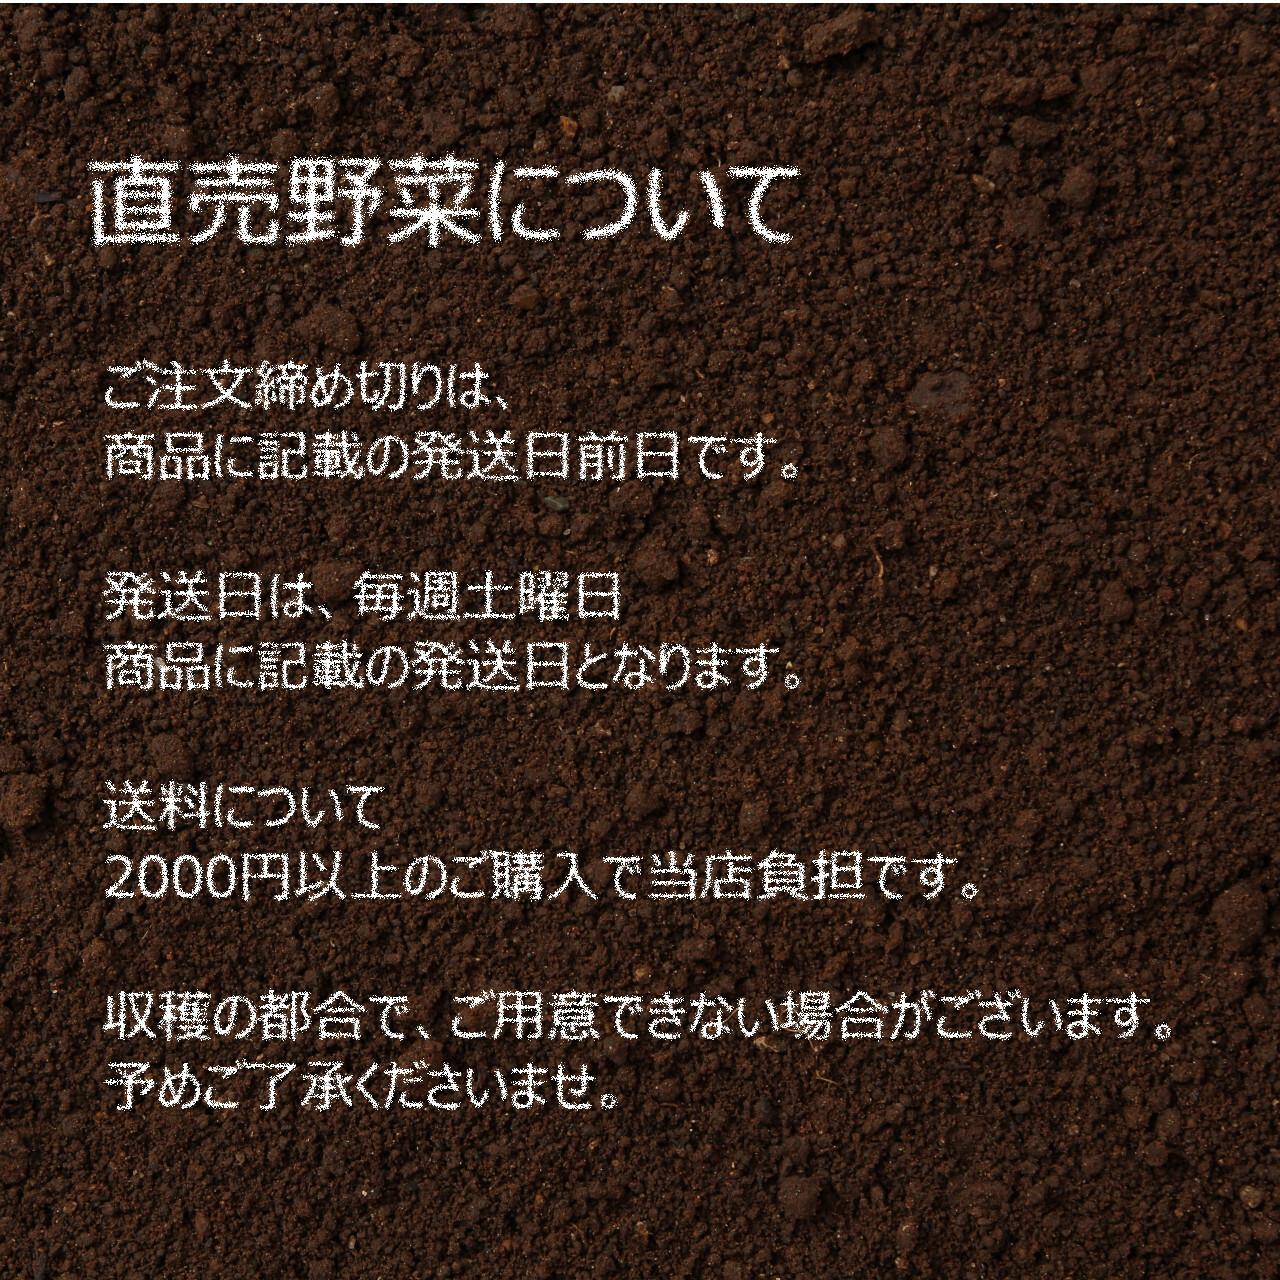 7月の新鮮野菜 : キュウリ 3~4本 朝採り直売野菜 7月4日発送予定